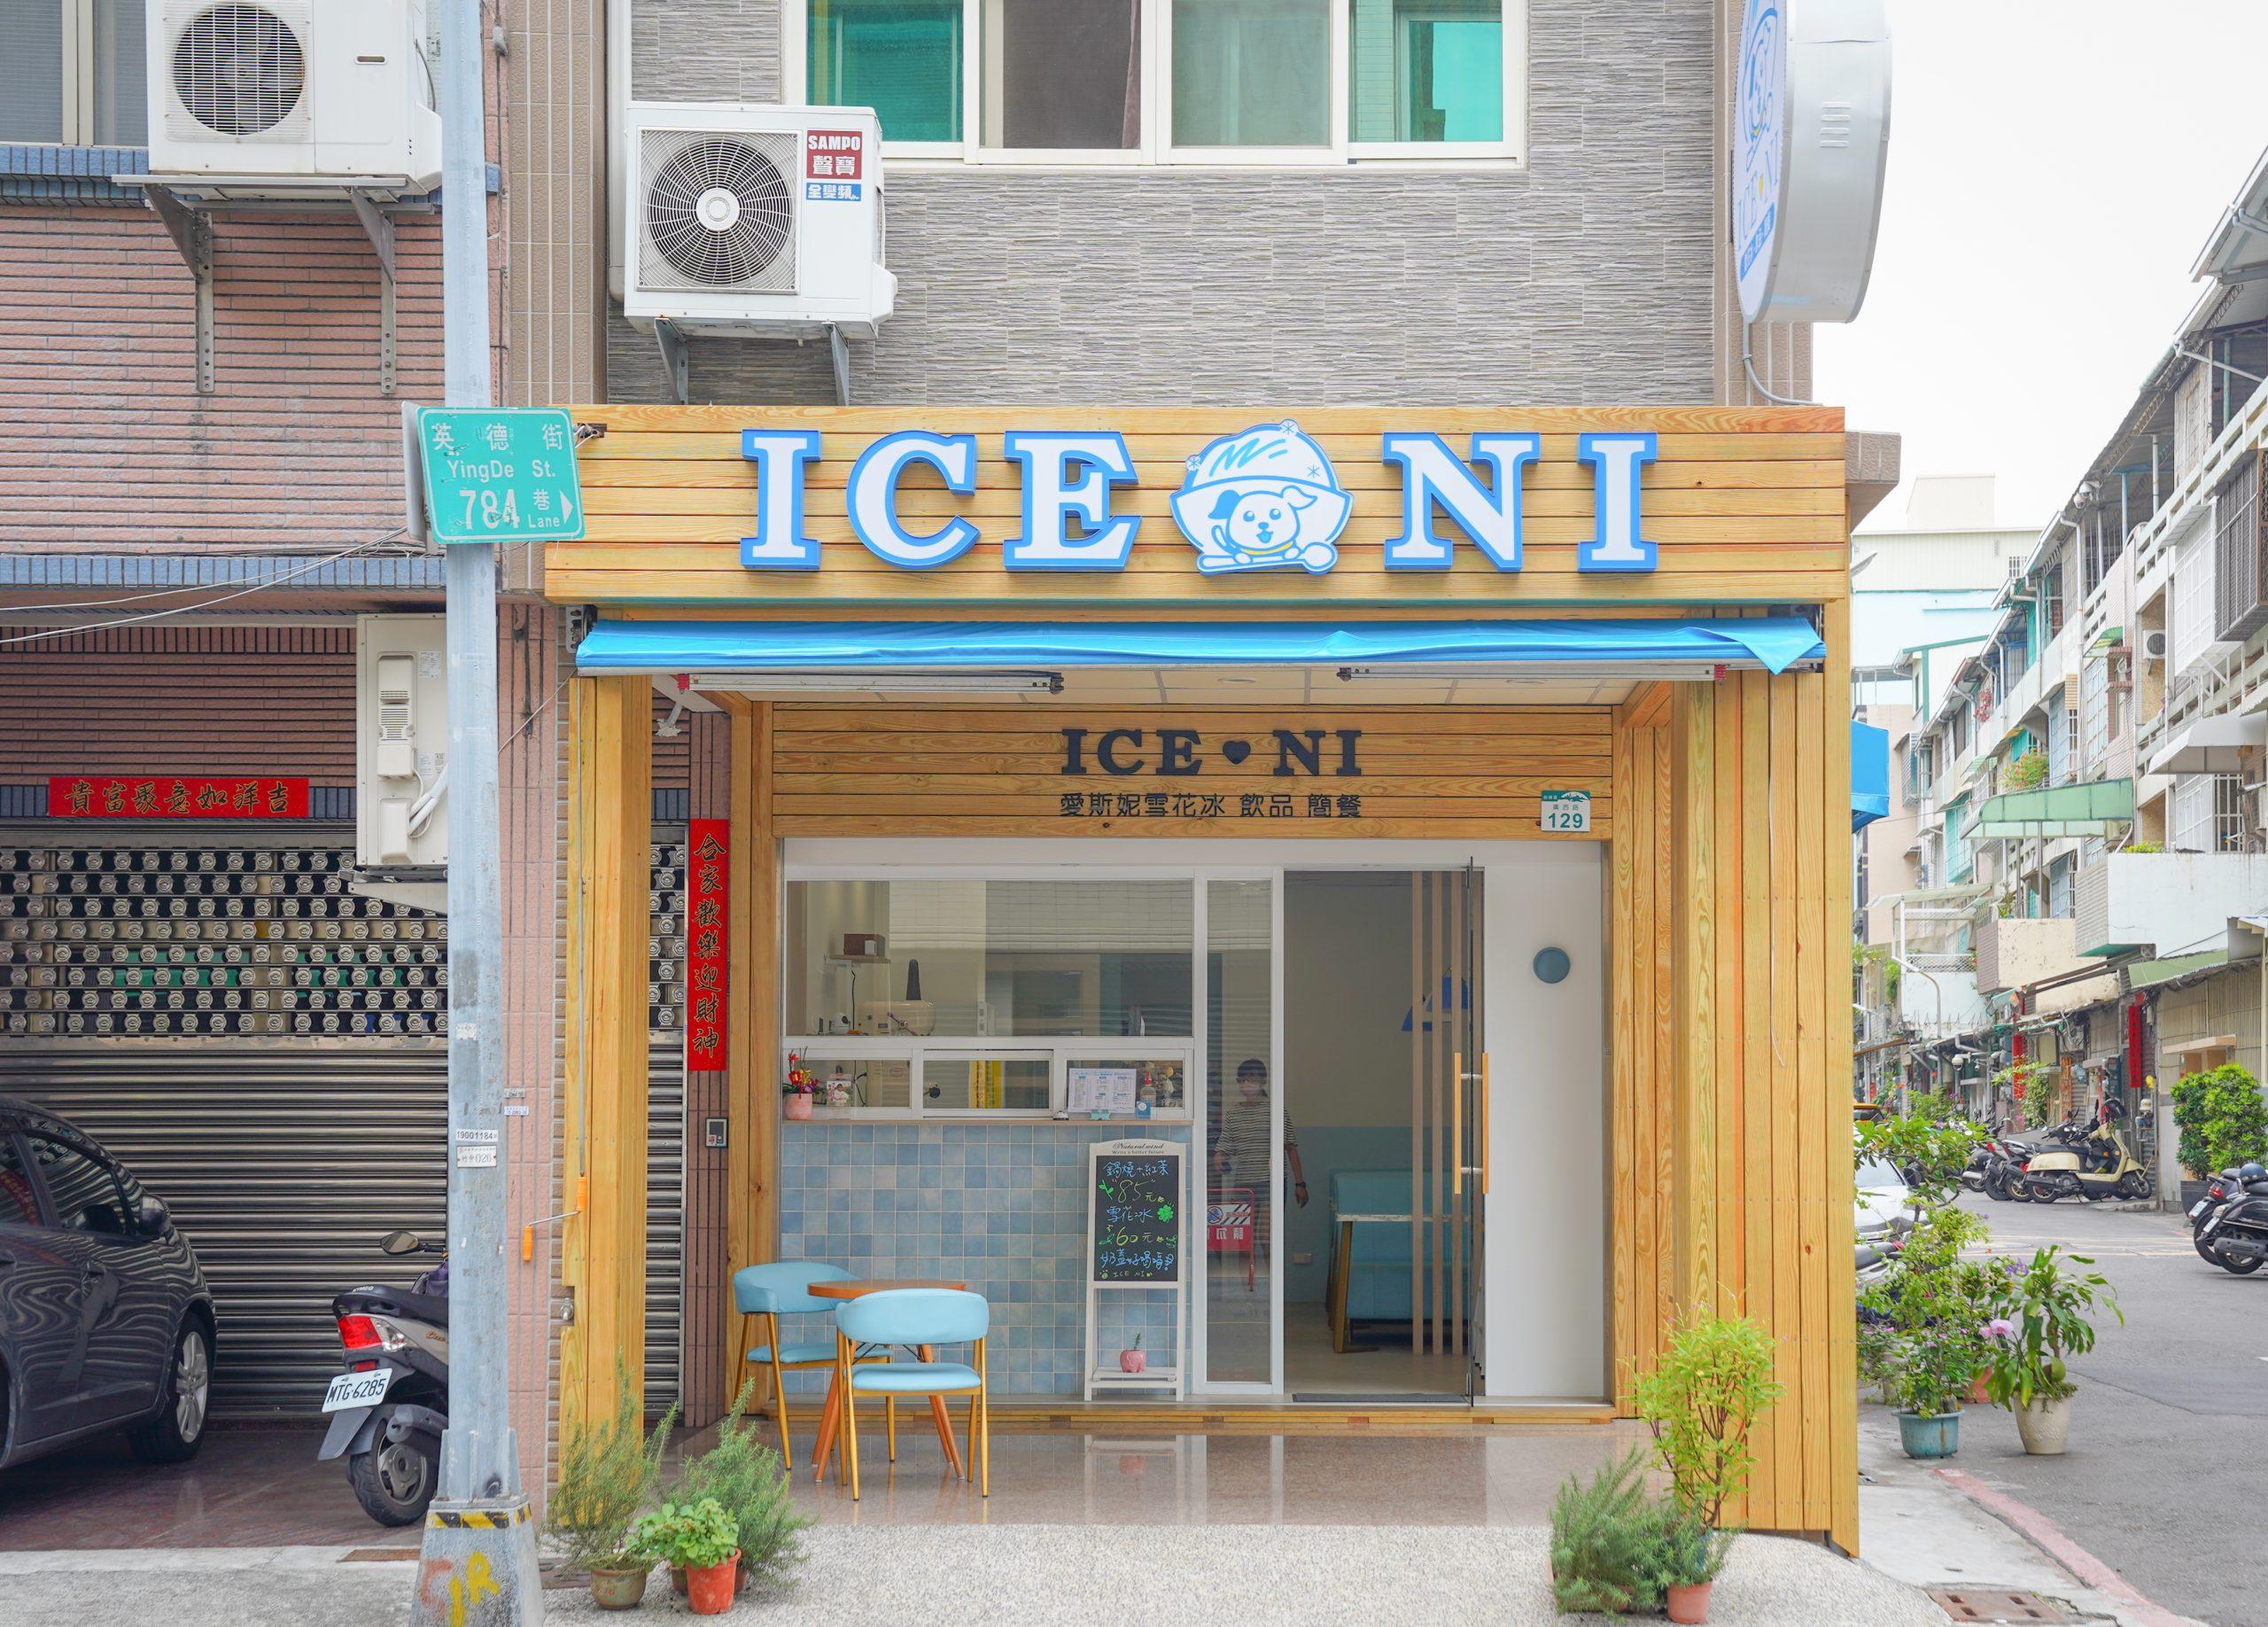 [高雄冰店推薦]ICE NI雪花冰飲品簡餐-芒果給滿滿的百元芒果雪花冰~好吃不貴文青風高雄冰店 @美食好芃友